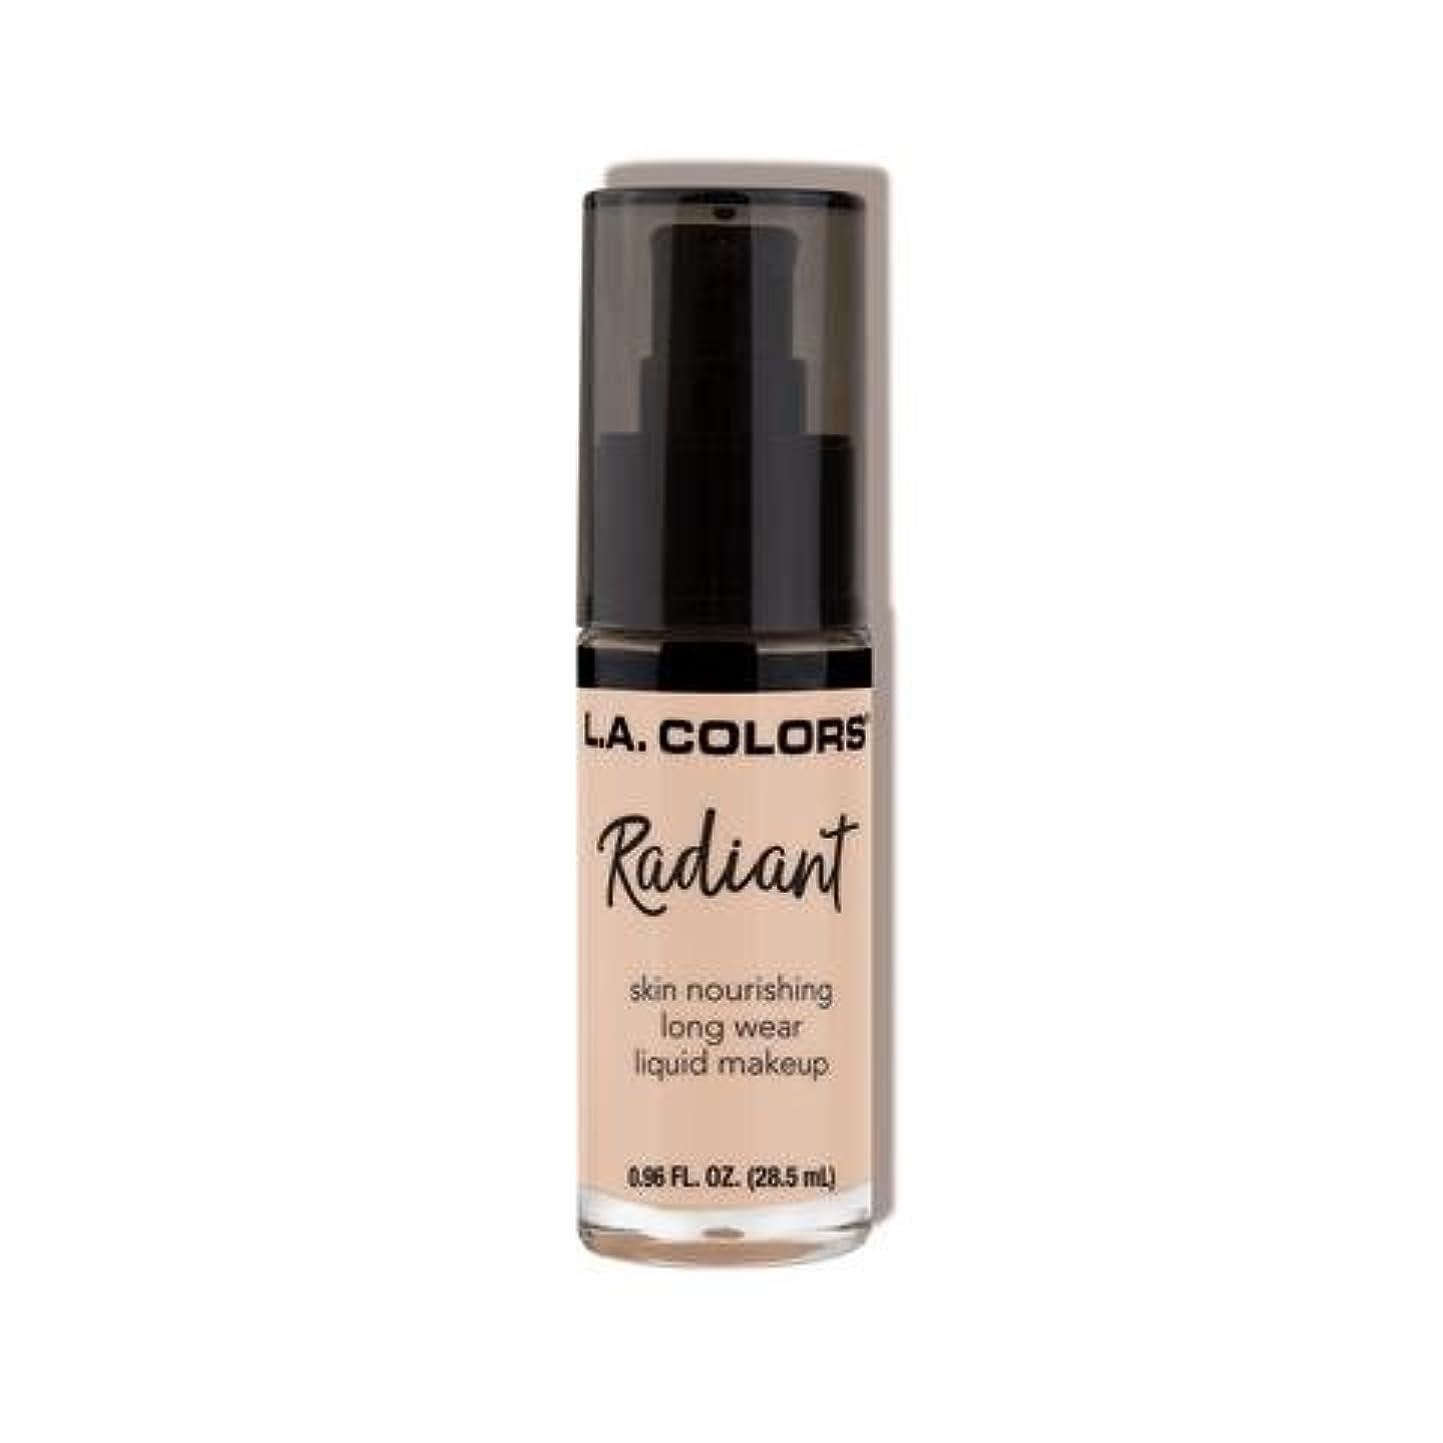 マットレス便利リール(3 Pack) L.A. COLORS Radiant Liquid Makeup - Ivory (並行輸入品)